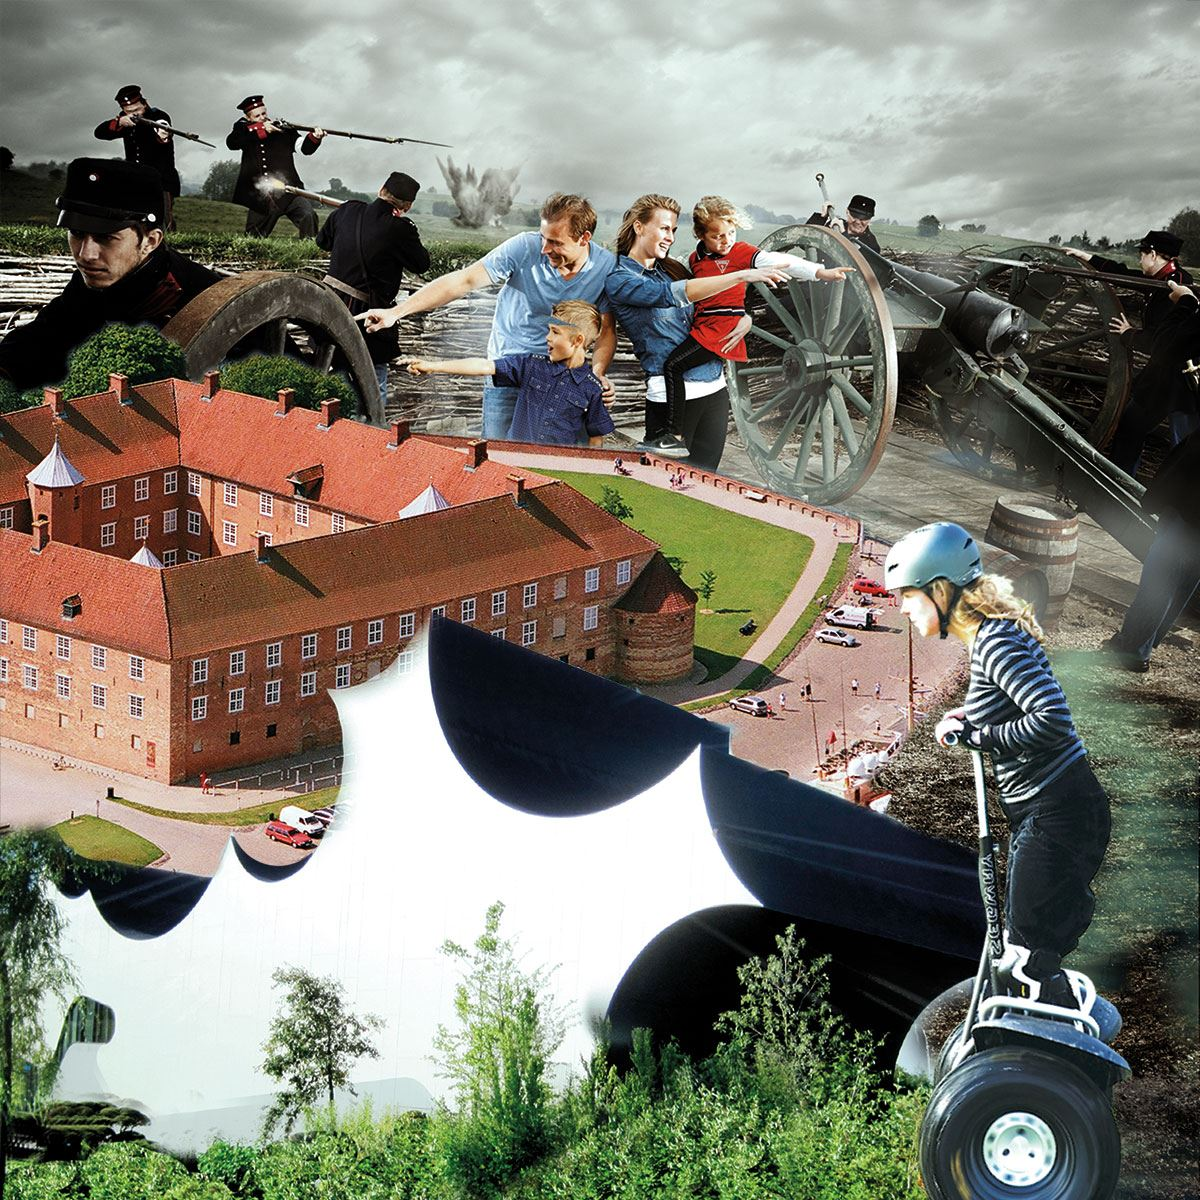 Entré til 3 sønderjyske besøgsattraktioner samlet i 1 billet